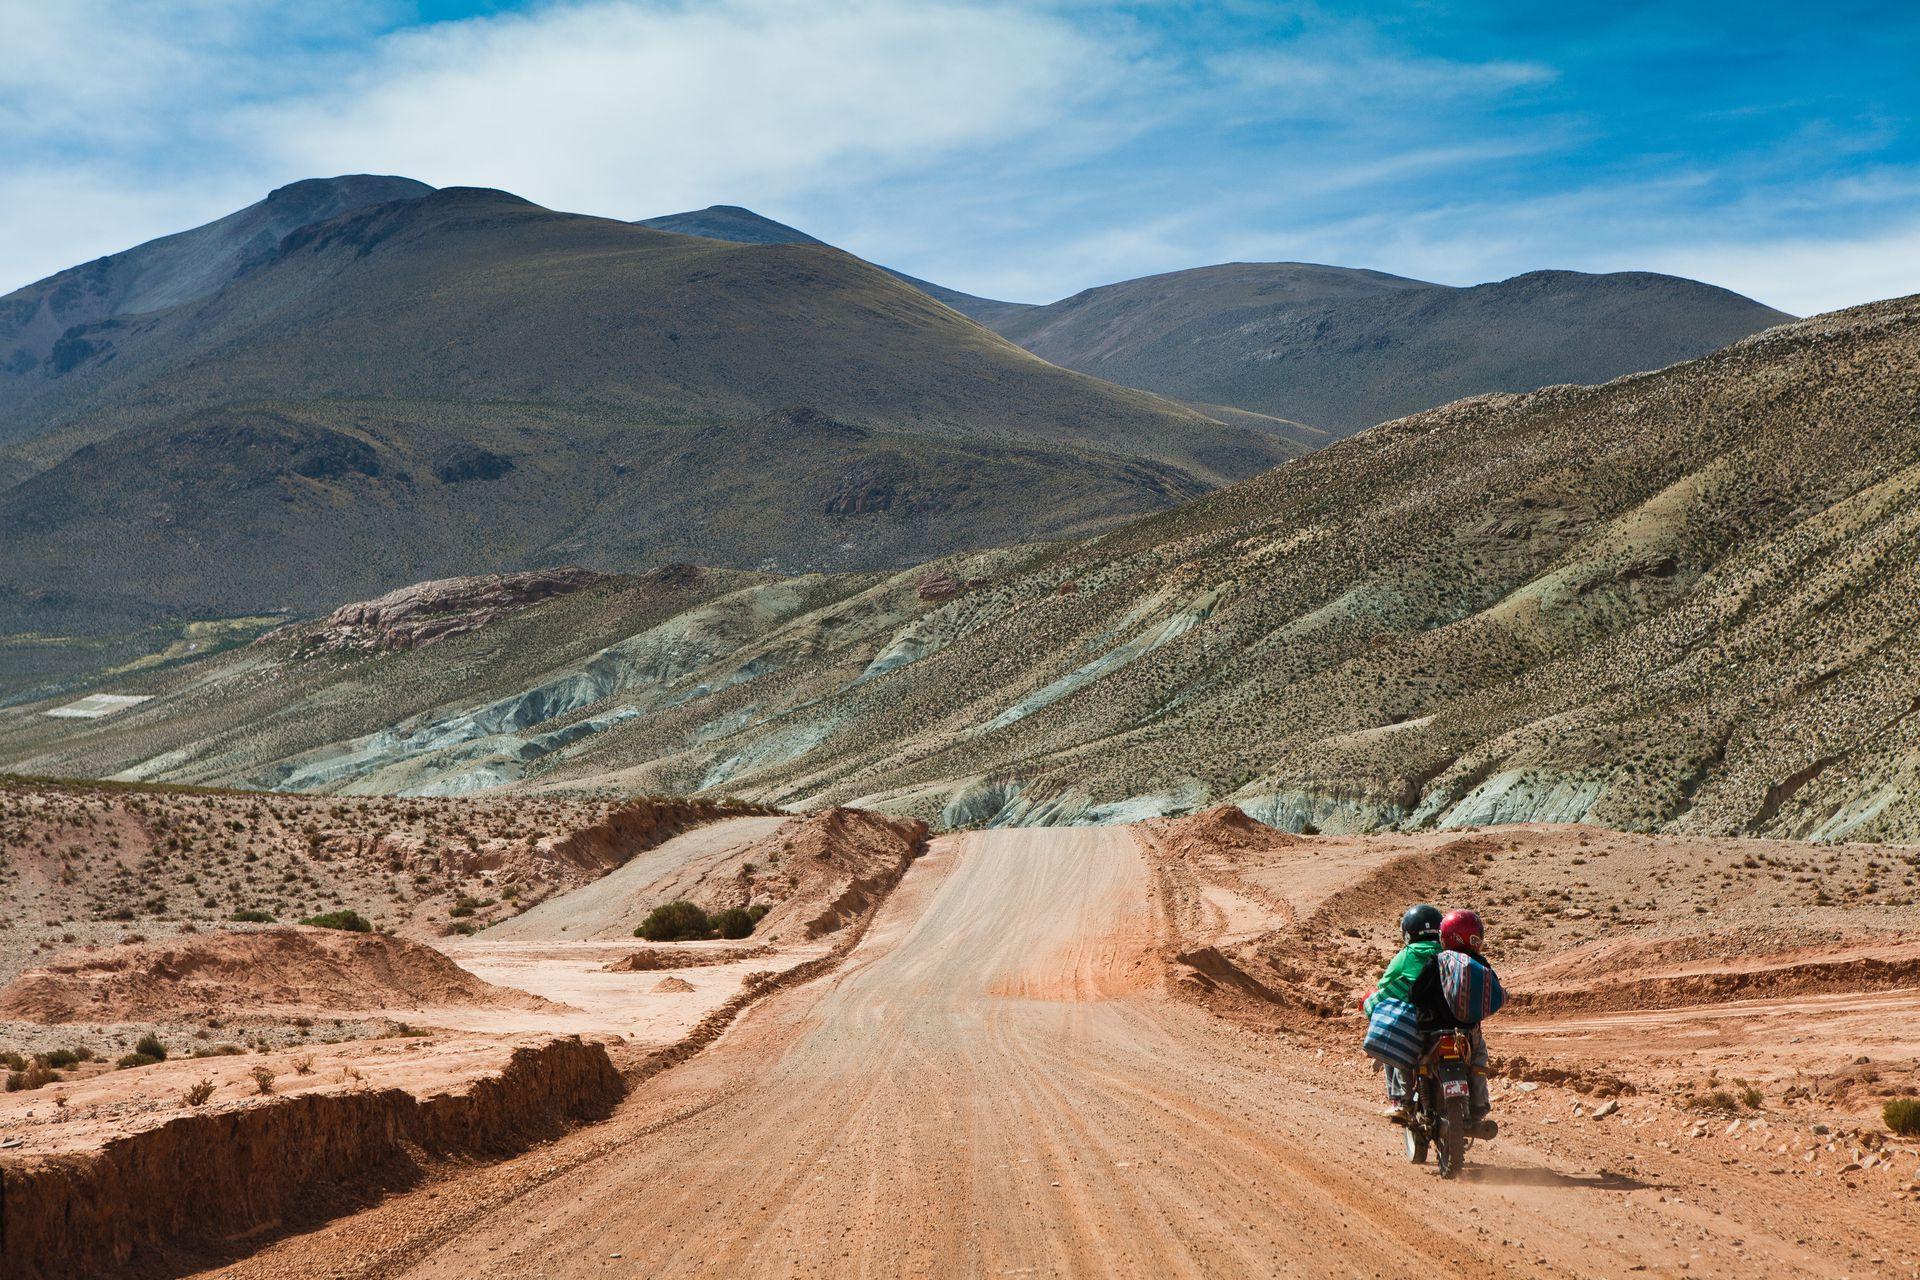 Coranzulí, Jujuy. El tramo más norteño de la 40 es el más complejo de todo el recorrido, pero la dificultad se compensa con los paisajes alucinantes de la puna.